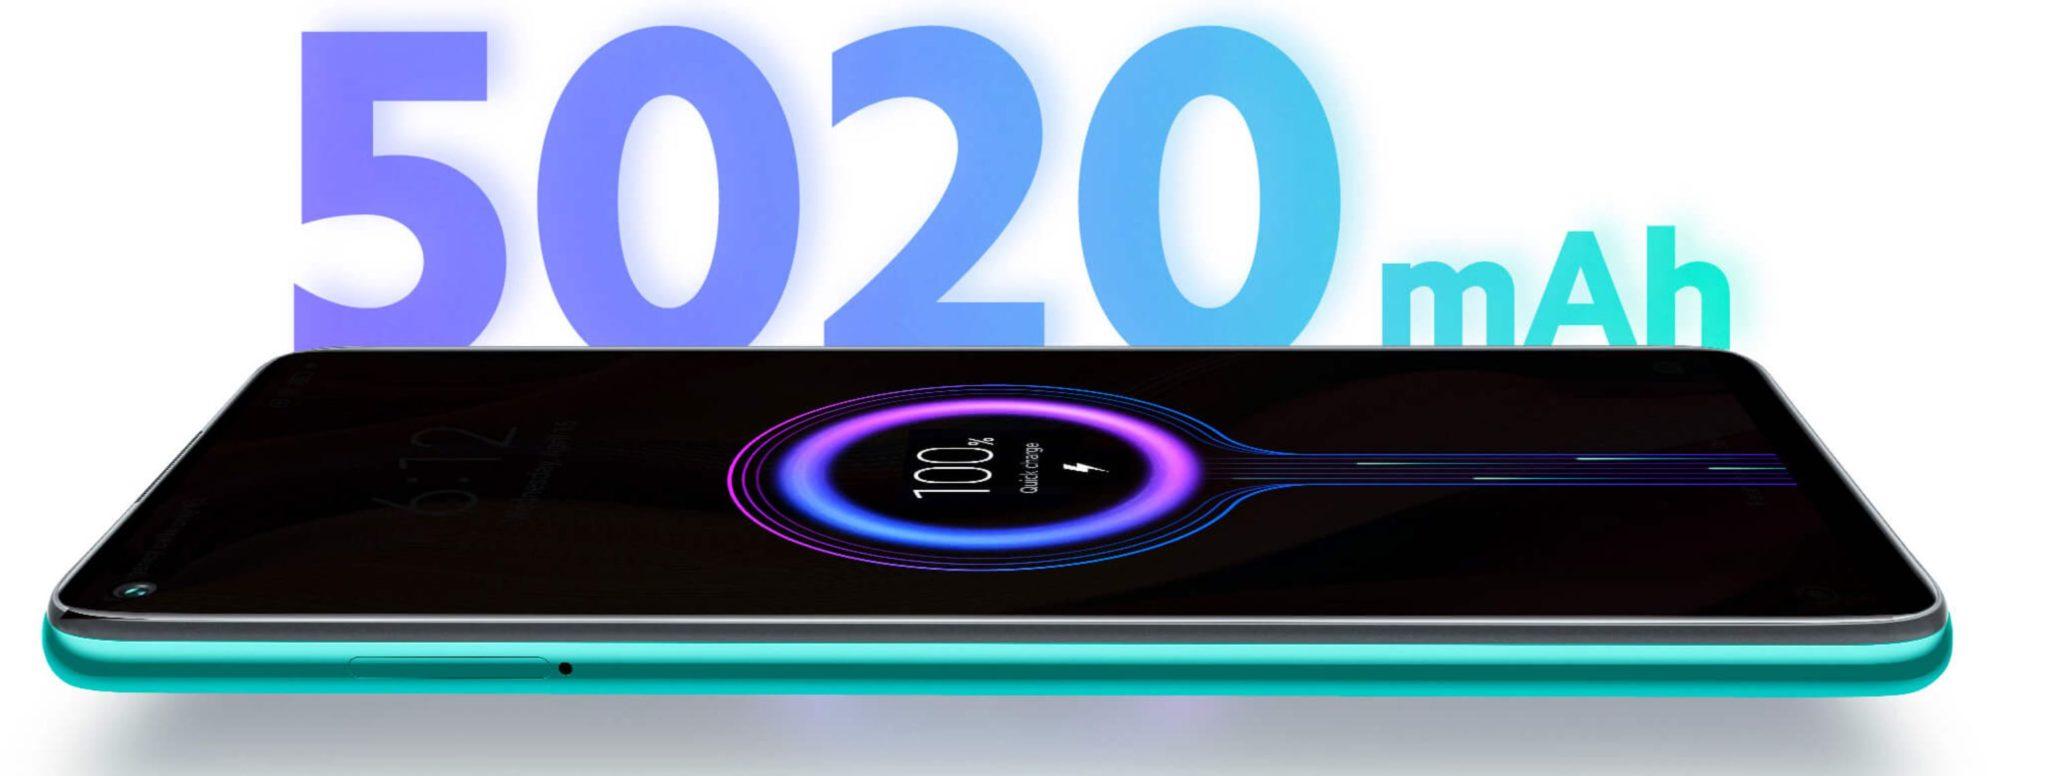 Najpopularniejsze smartfony do 1000 zł w ofercie RTV Euro AGD (TOP 10) - Xiaomi Redmi Note 9 - bateria